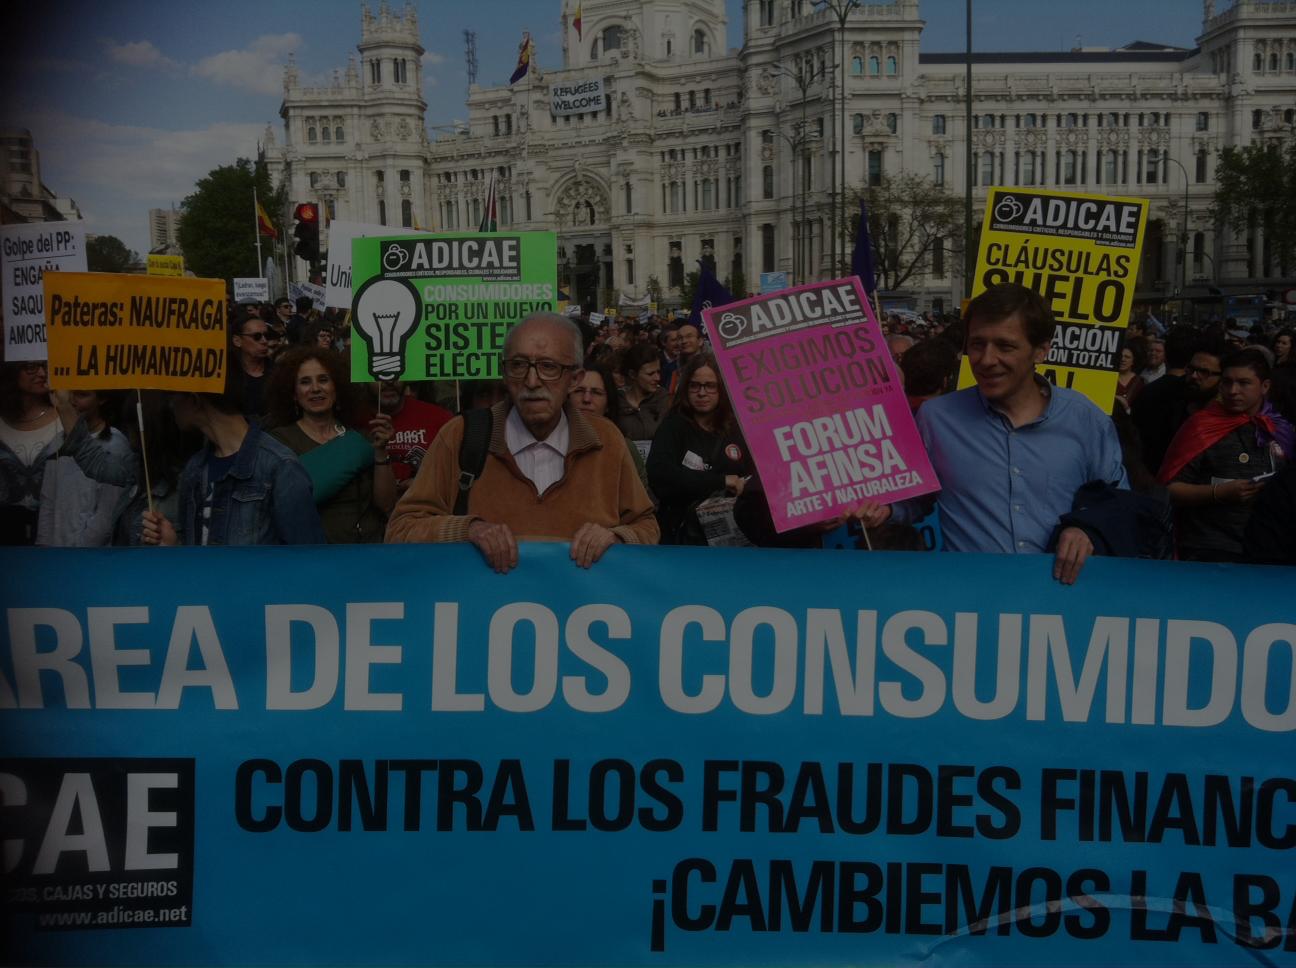 ADICAE Andalucía llevará al Estado a los tribunales europeos para dar respuesta al fraude de Fórum, Afinsa y Arte y Naturaleza